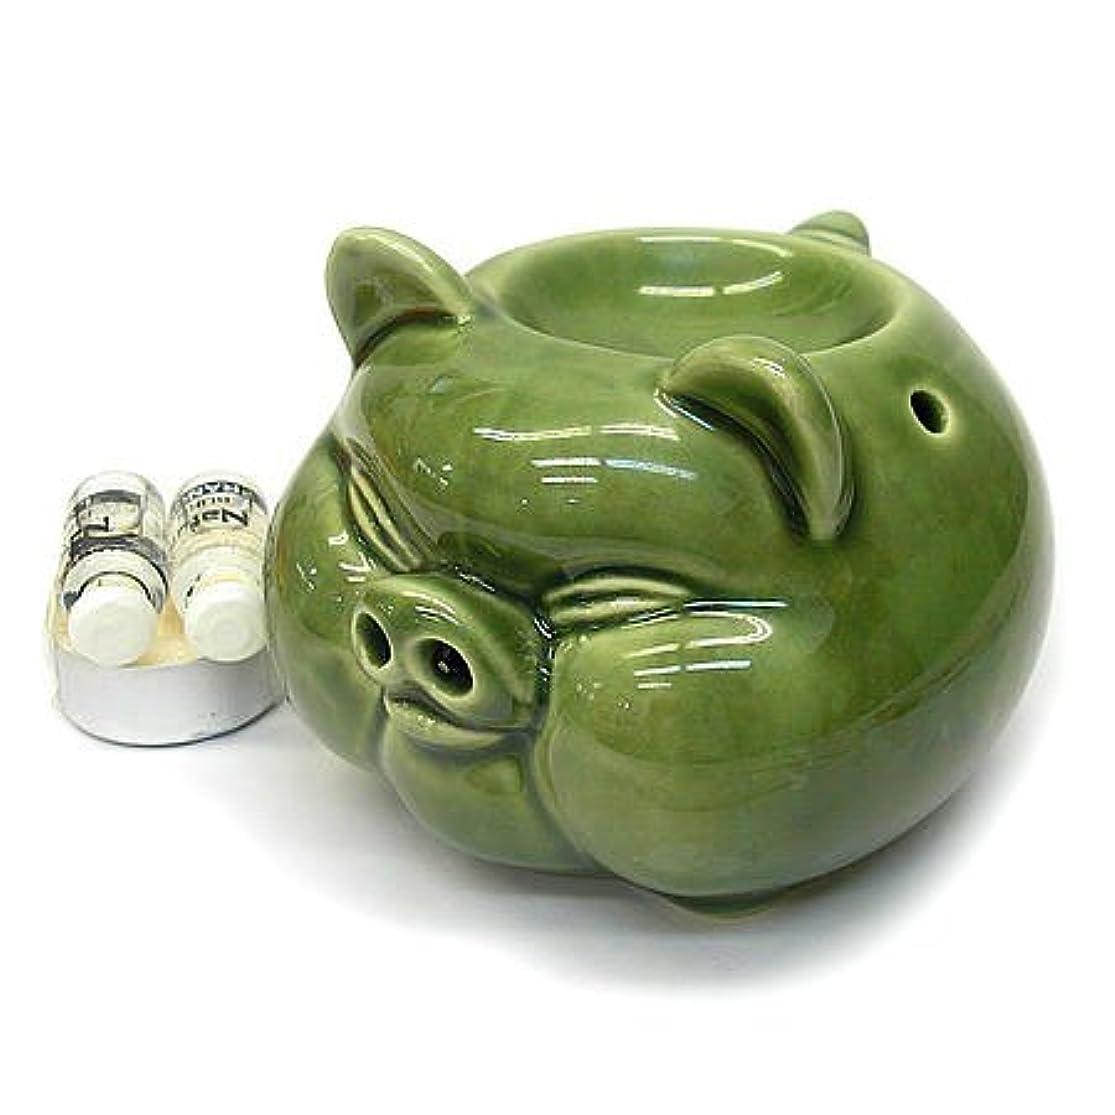 ライオン発表する吸収するアジアン雑貨 バリ雑貨 アロマ オイルバーナー ブタ君 アロマオイル 2種付き